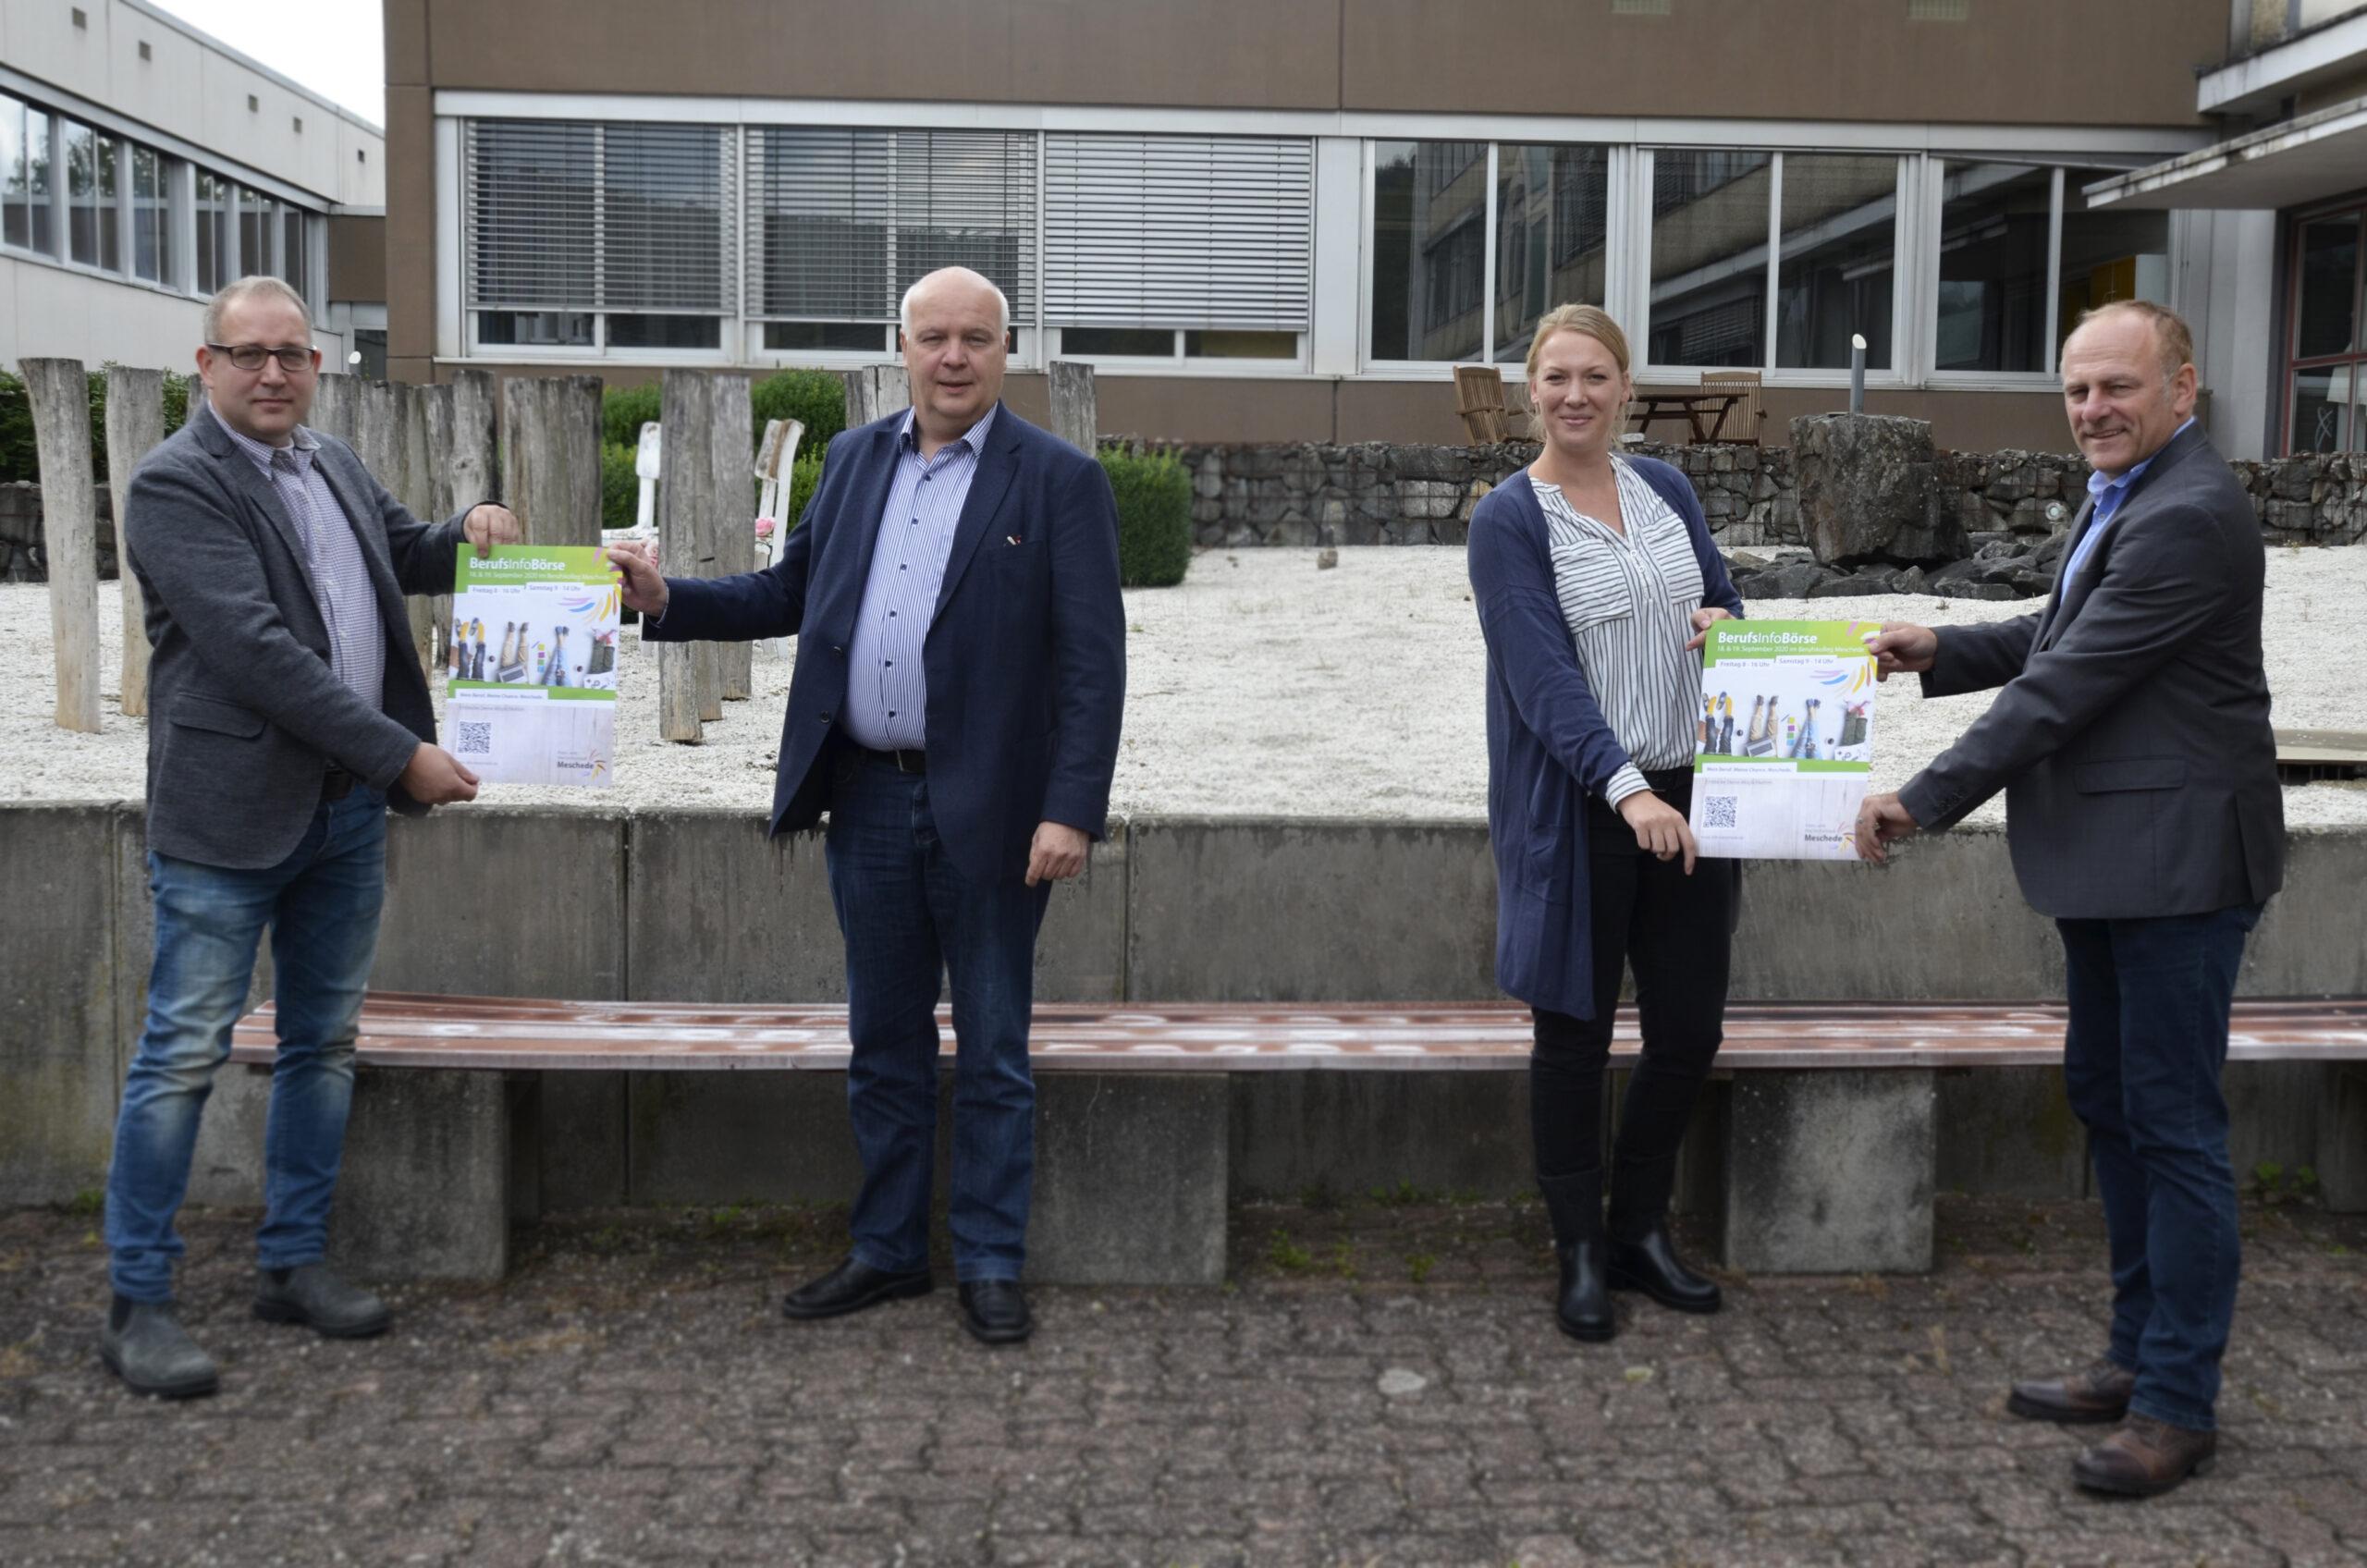 Die Organisatoren freuen sich auch in 2020 auf Schüler, Eltern und interessierte Gäste (v.l.): Knut Langer (Vorstand IMW), Meinolf Ewers (Vorsitzender IMW), Christina Wolff (Wirtschaftsförderin) und Carsten Placht (Schulleiter BKM). Foto: Stadtmarketing